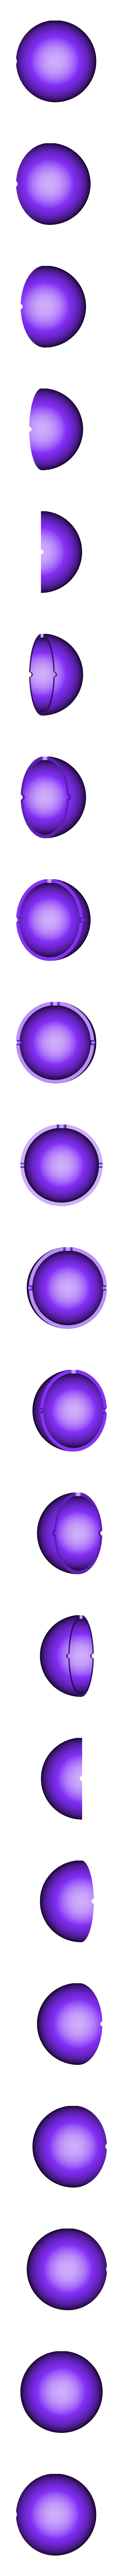 Body_Back.stl Télécharger fichier STL gratuit Giant Magnemite - Pokemon • Modèle pour impression 3D, ChaosCoreTech